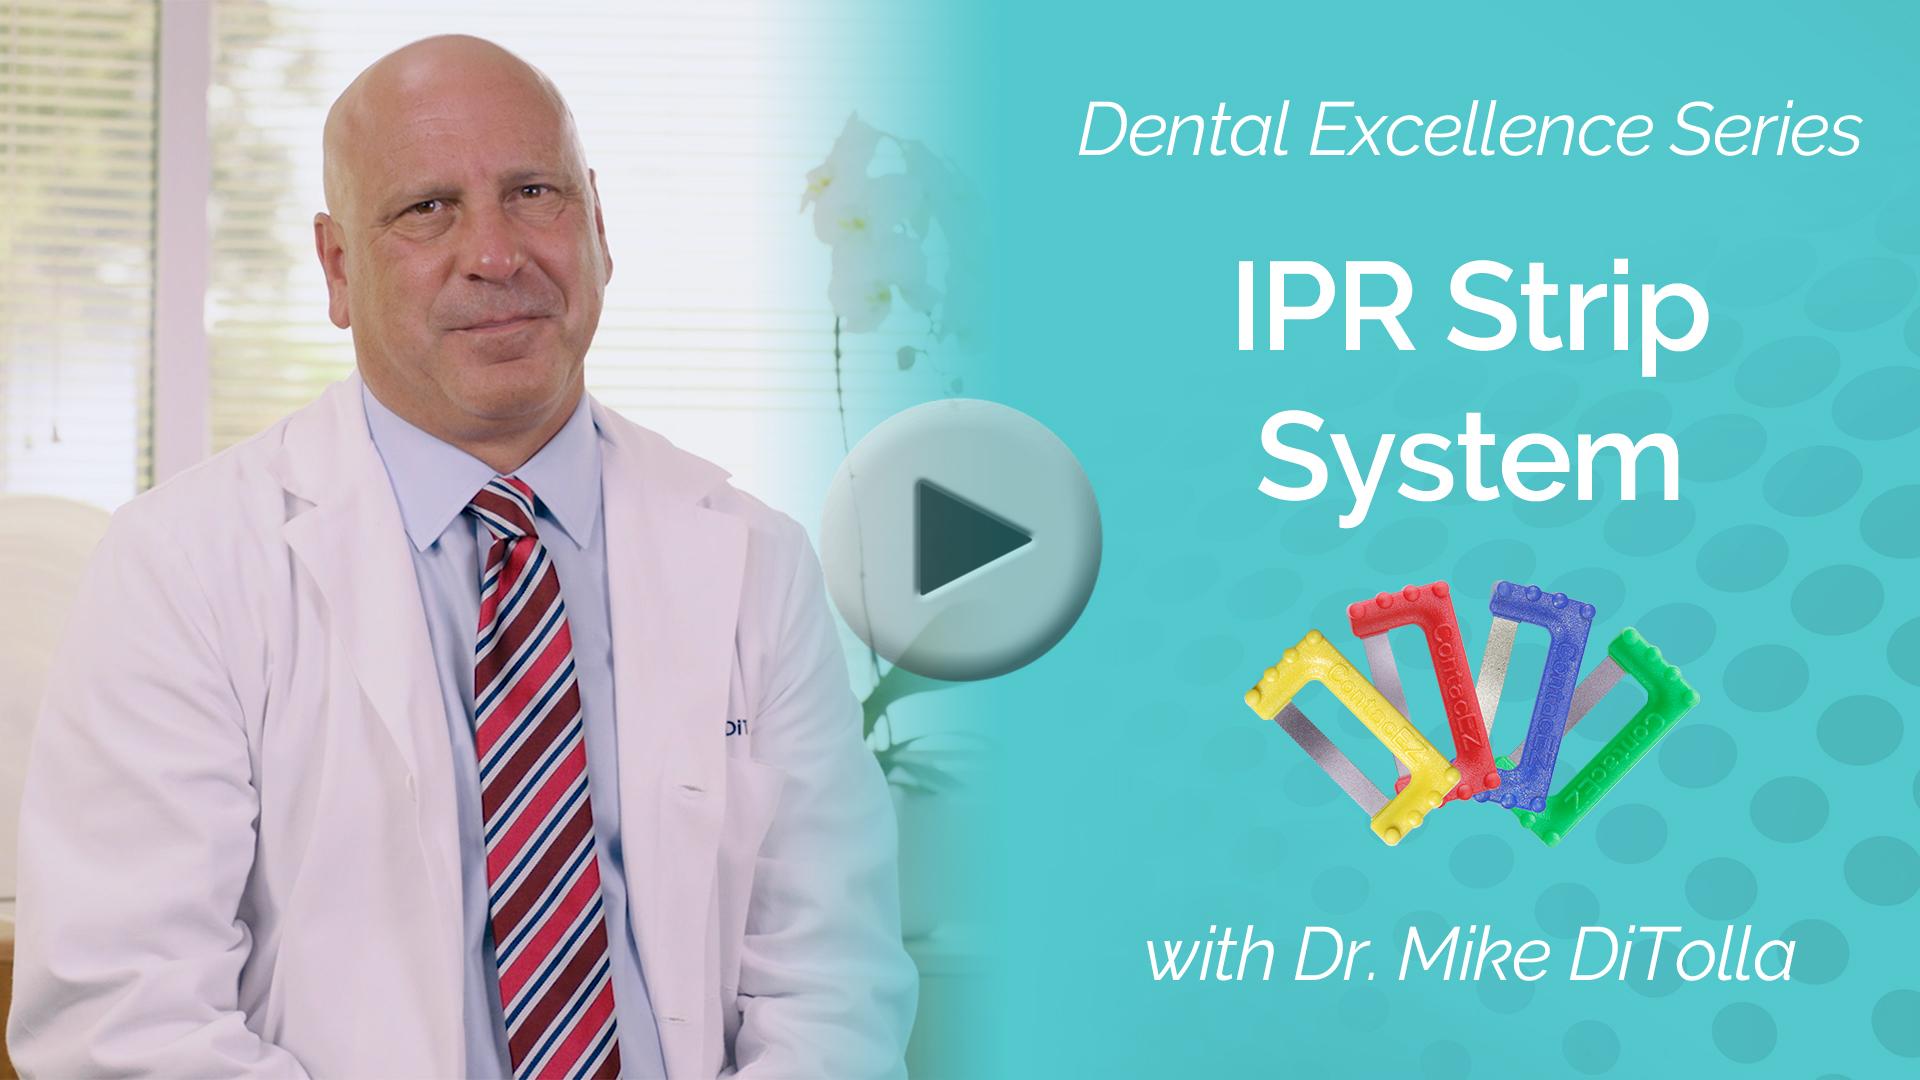 ExcellenceSeries-IPR.jpg